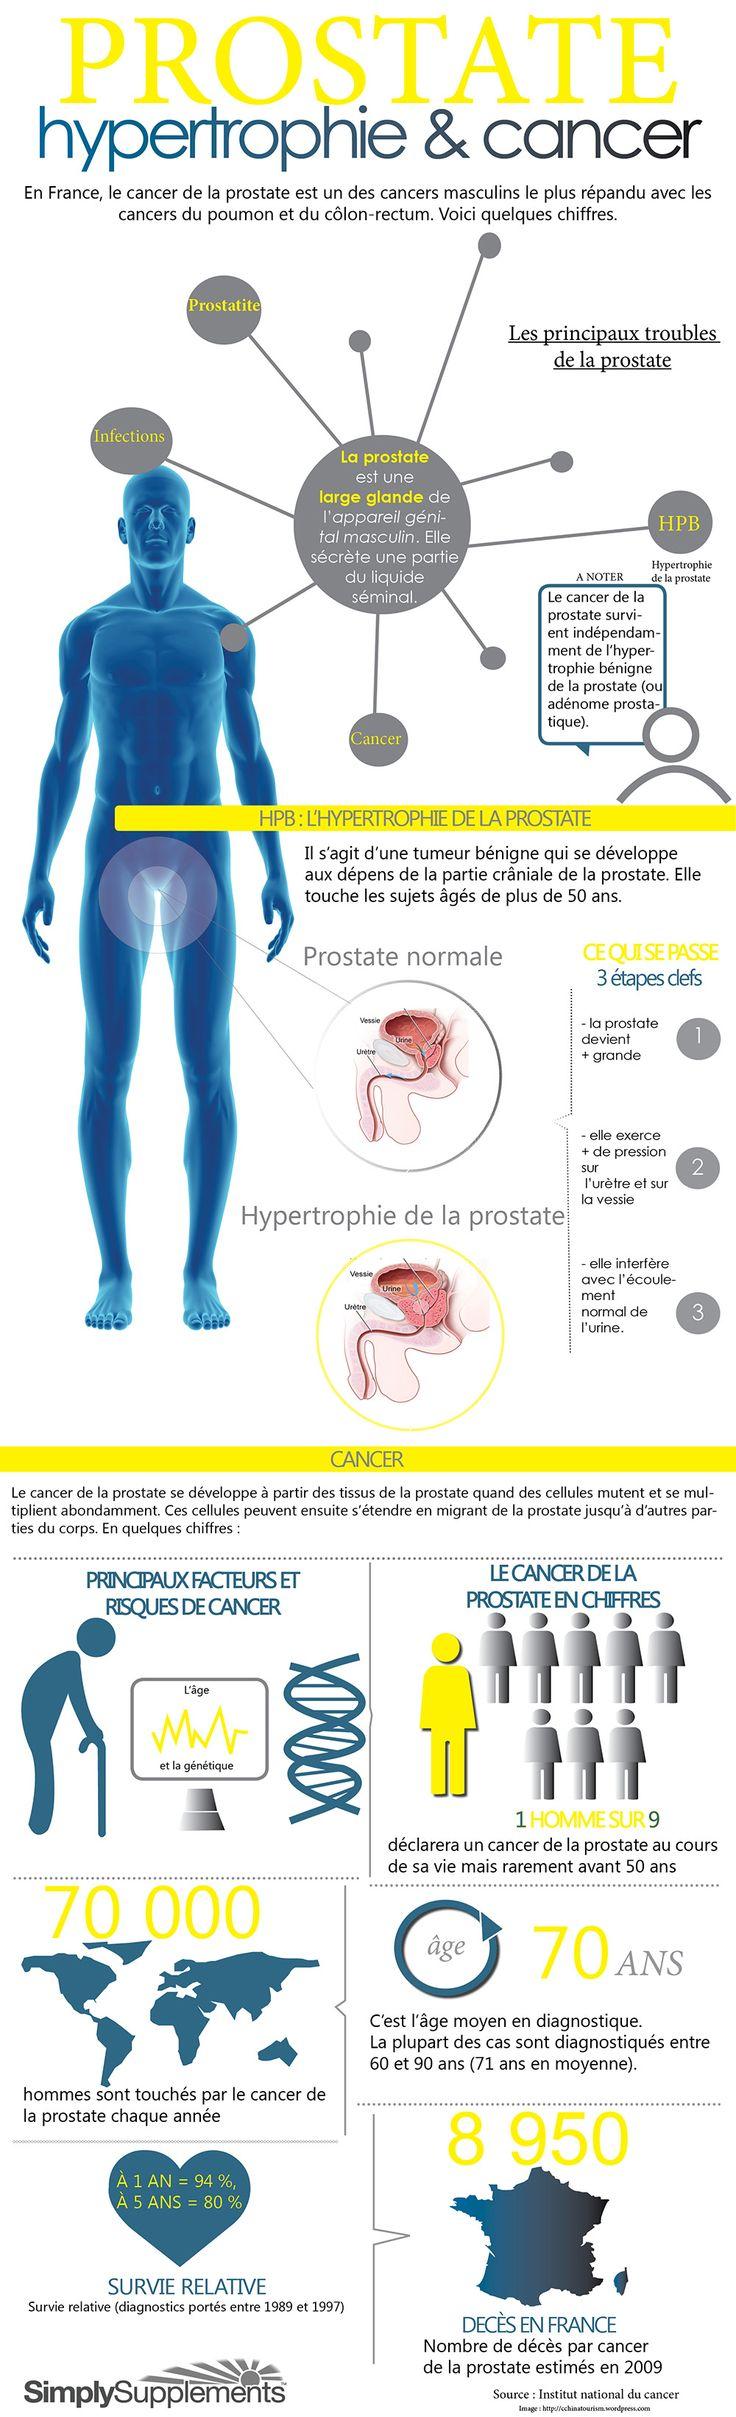 Prostate : L'infographie qui met des chiffres sur les maladies qui la touche http://goo.gl/fLhcKo